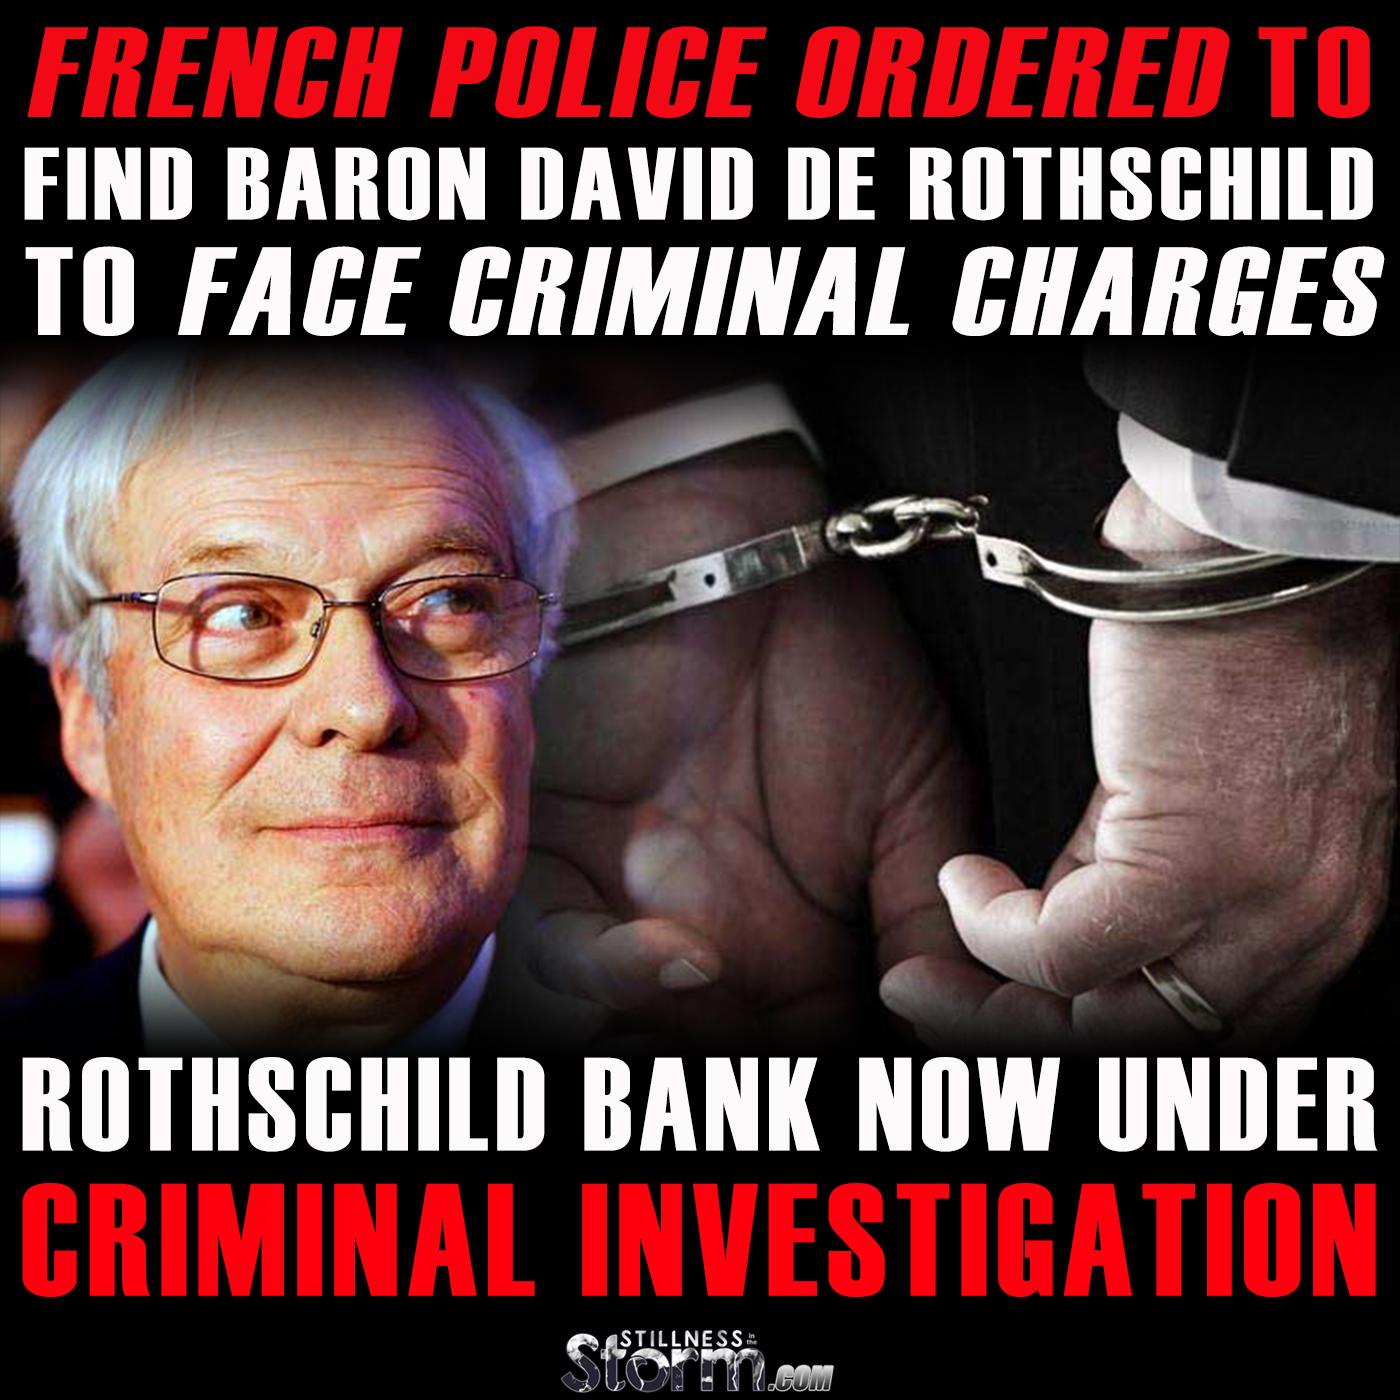 http://2.bp.blogspot.com/-K2Nm42D4jys/Vt2vV6xFU5I/AAAAAAAASsQ/3ZcFoN0R9_E/s1600/Rothschild%2BBank%2BNow%2BUnder%2BCriminal%2BInvestigation%2B.jpg